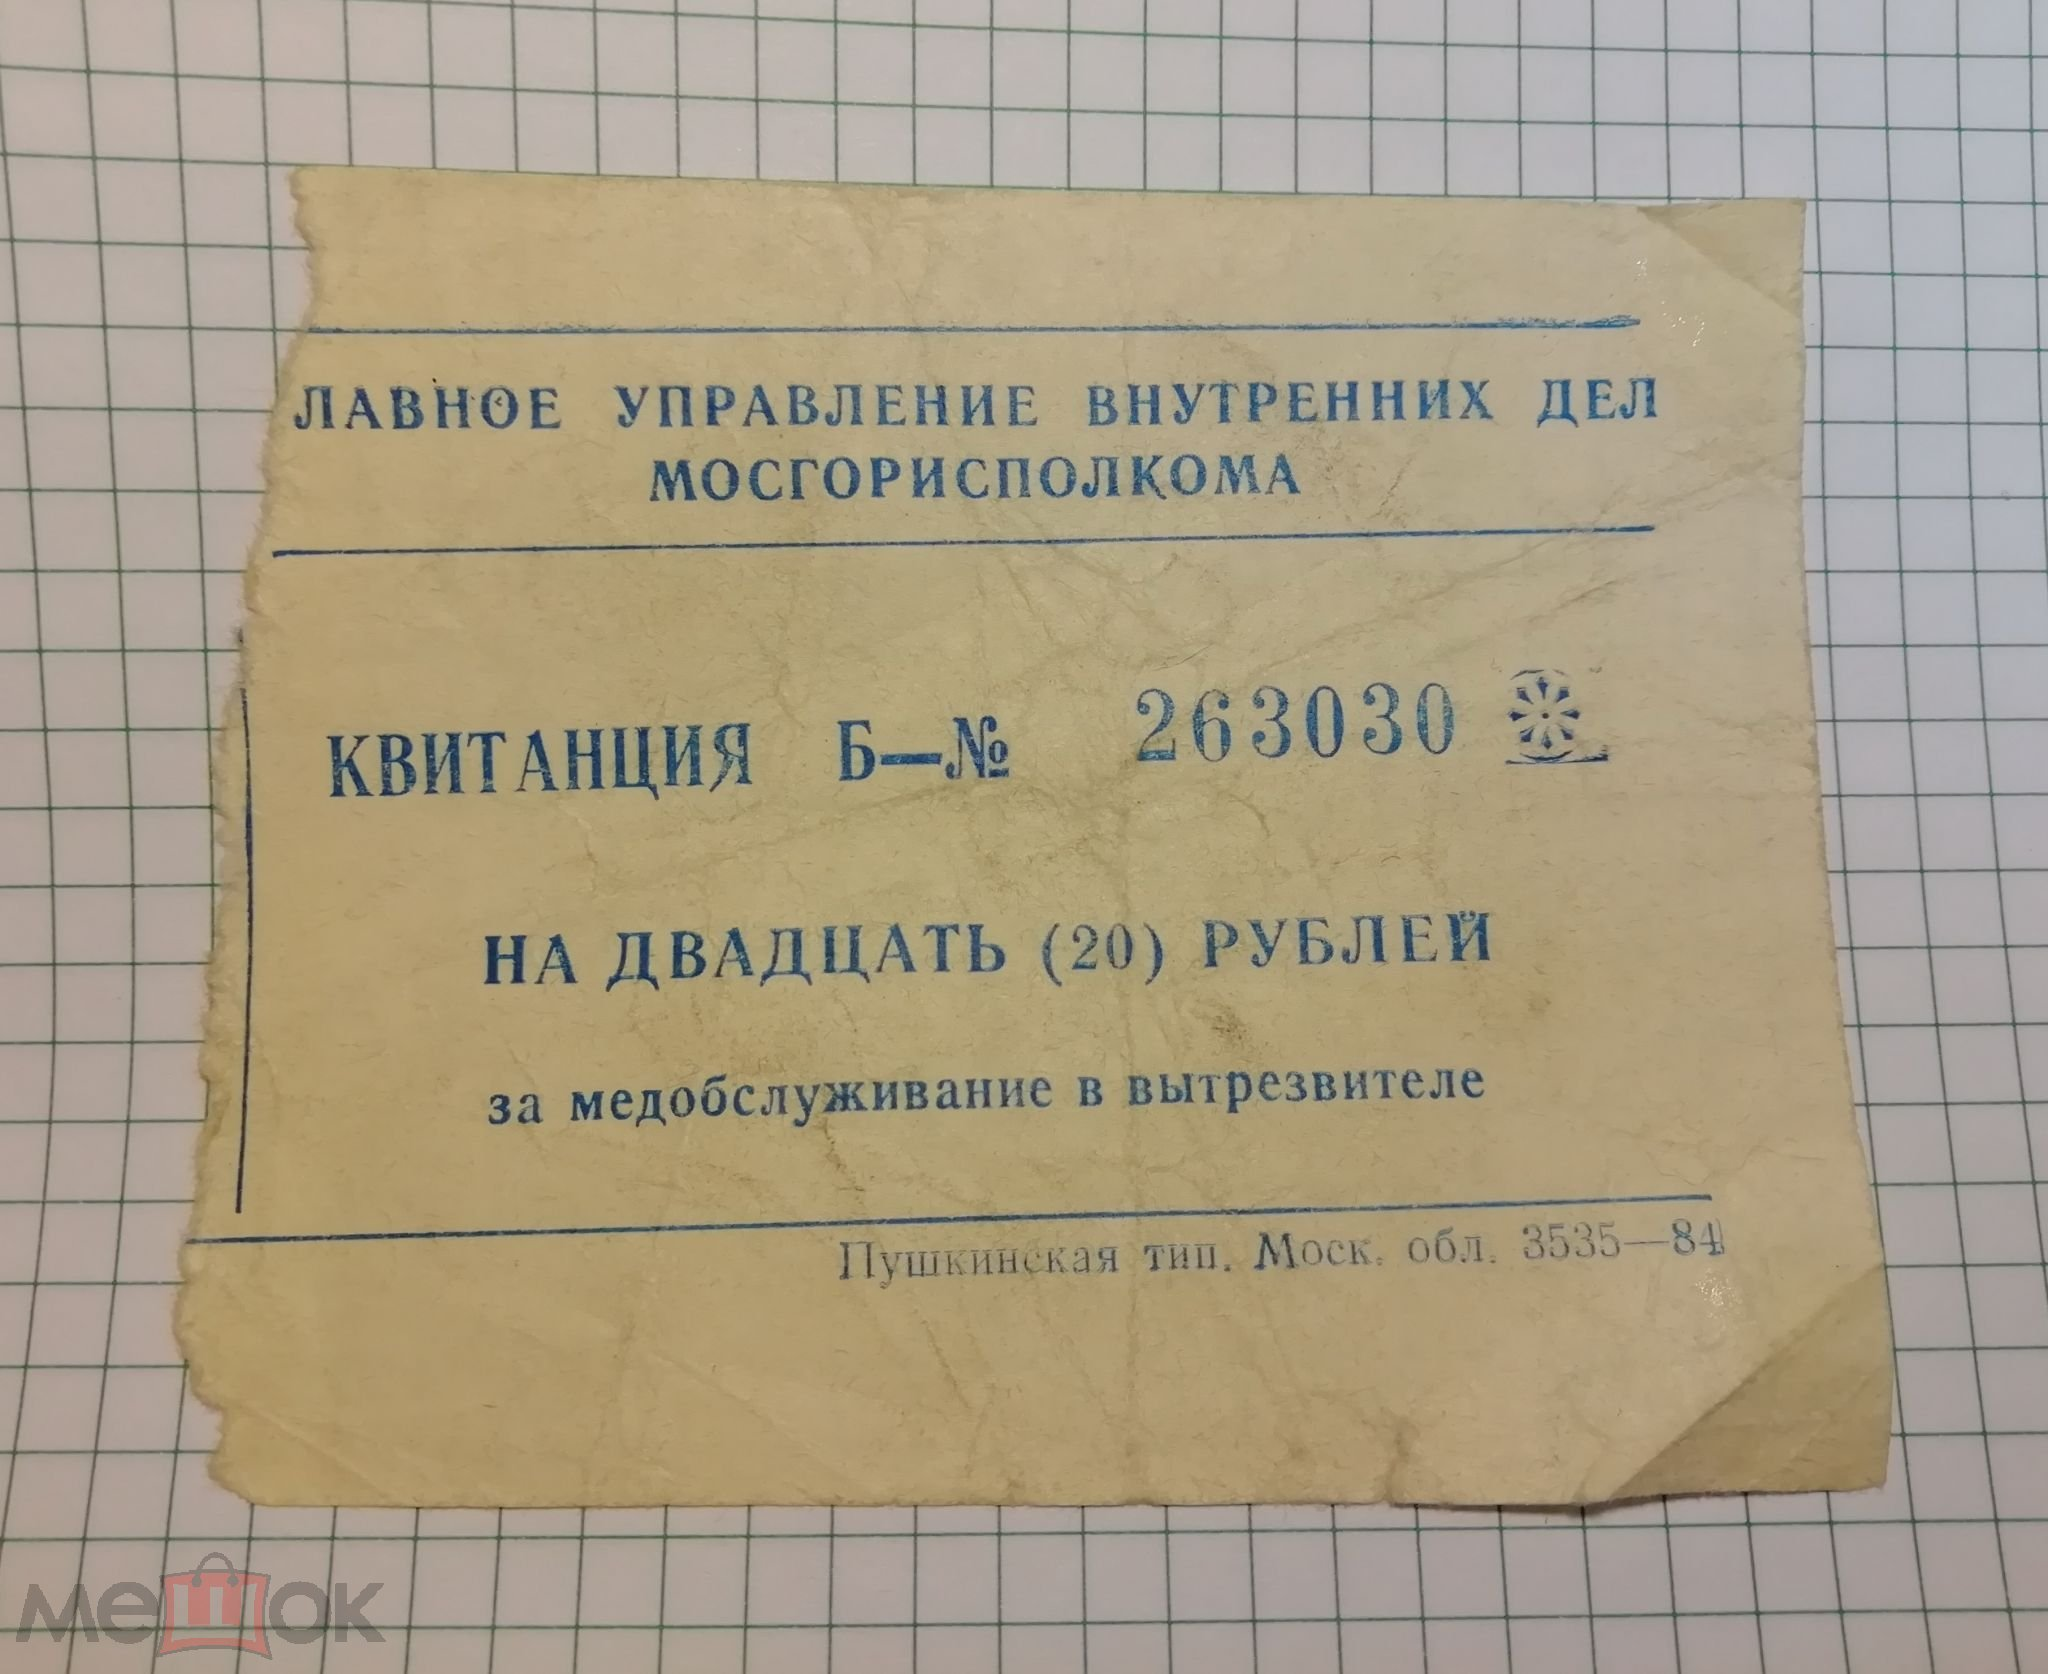 Квитанция за медобслуживание в вытрезвителе ГУВДМ на 20 рублей 1984г